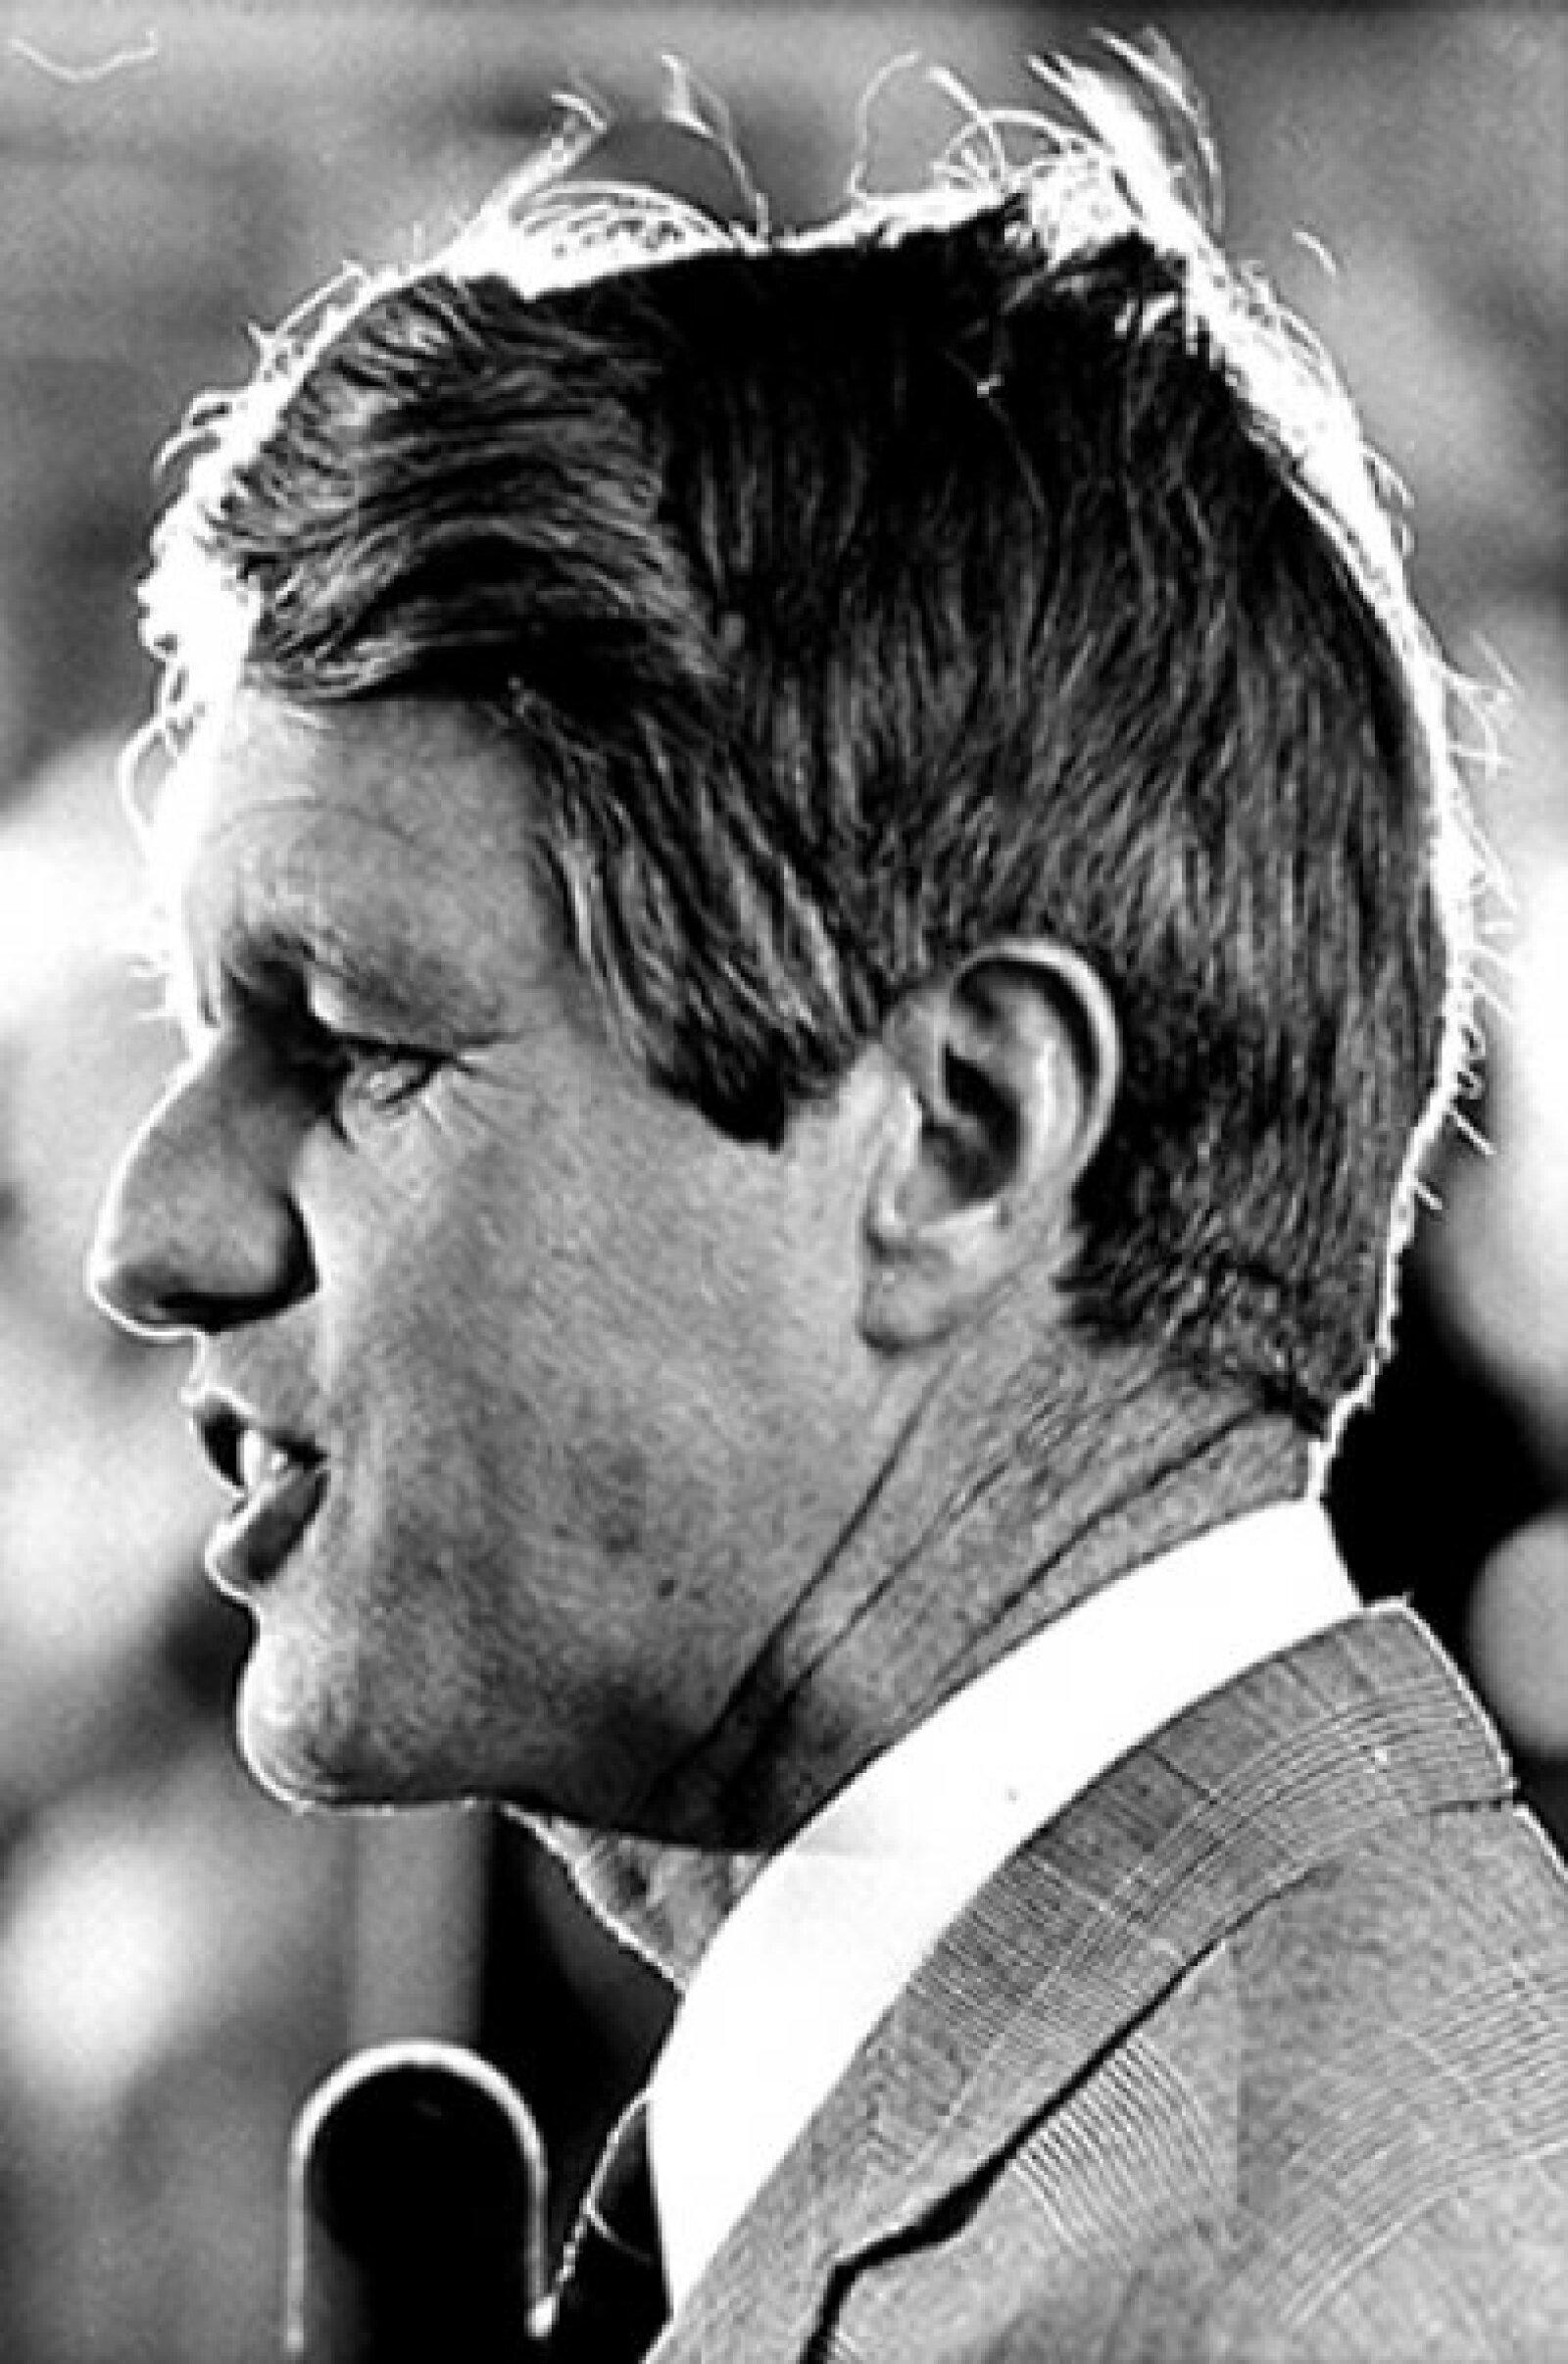 Estando en campaña, después de dar un discurso en California tras ganarle las elecciones primarias a McCarthy por el partido Demócrata, Robert Kennedy recibió un balazo que le provocó la muerte en 1968.